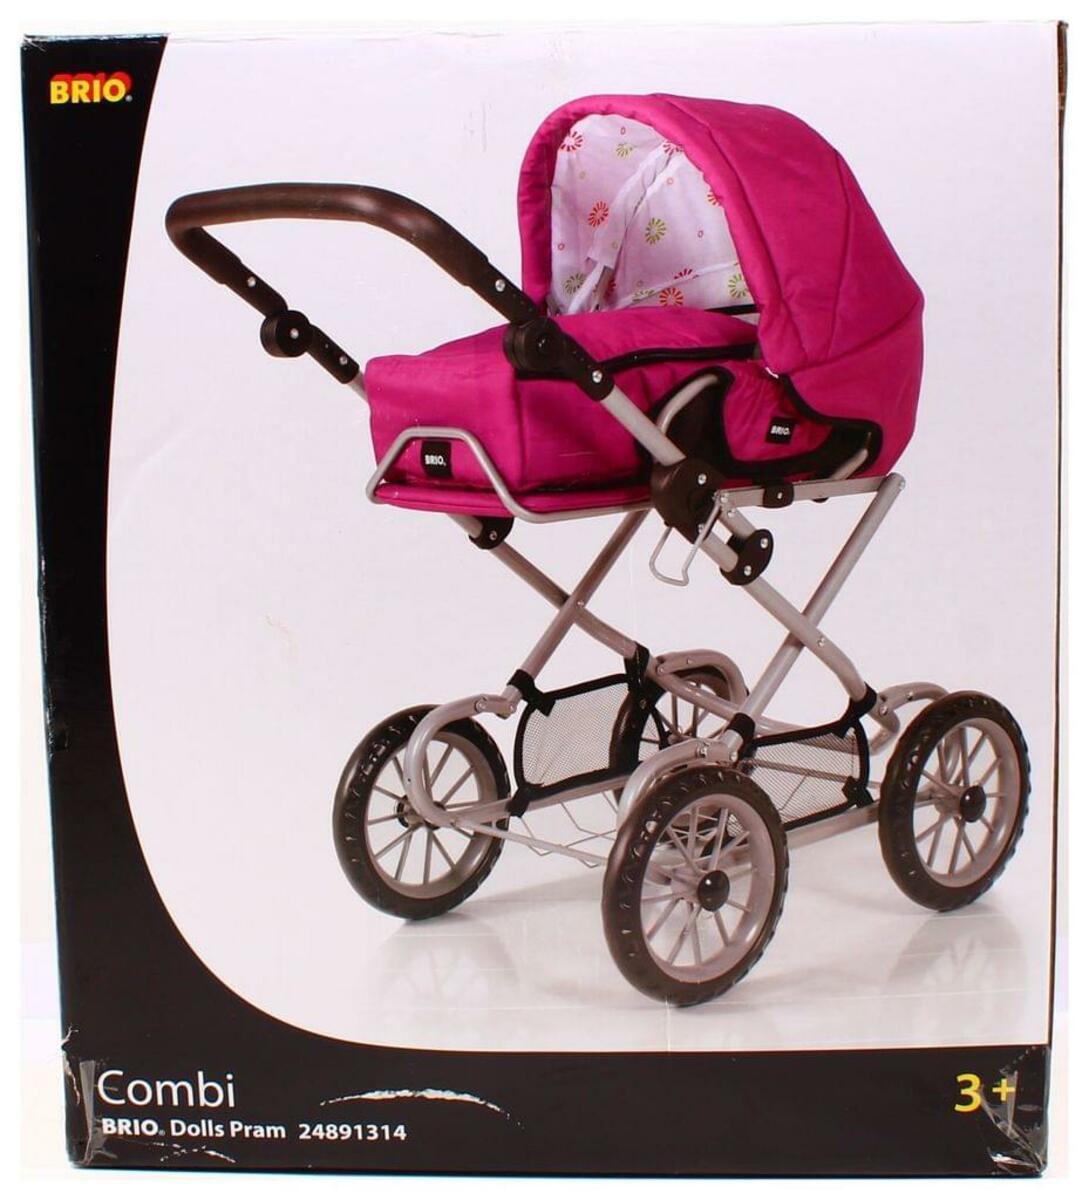 Bild 3 von BRIO Puppenwagen Combi, Puppen Wagen, Buggy, Kinderwagen, Kombiwagen, Rose, 24891314